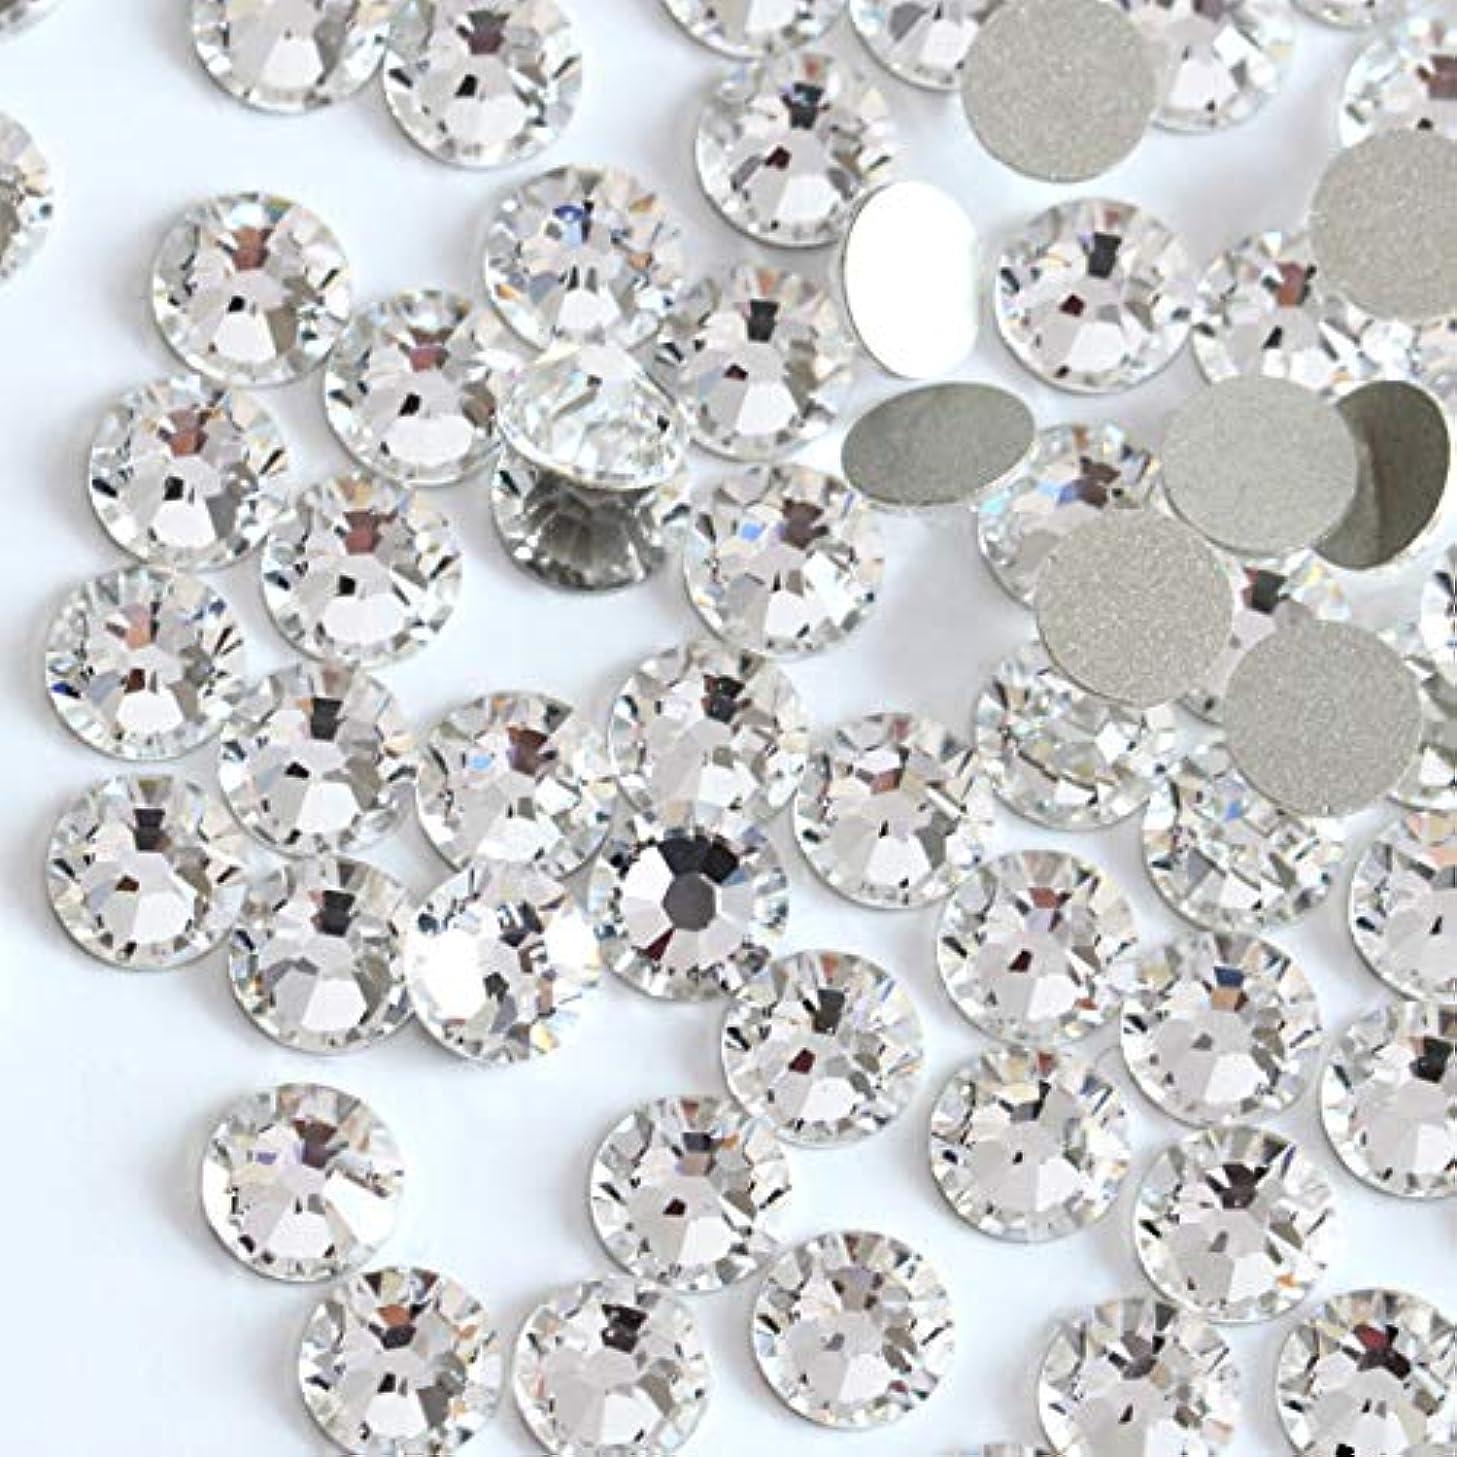 調子裏切り者ホバート【ラインストーン77】高品質ガラス製ラインストーン クリスタル(1.5mm (SS4) 約200粒)